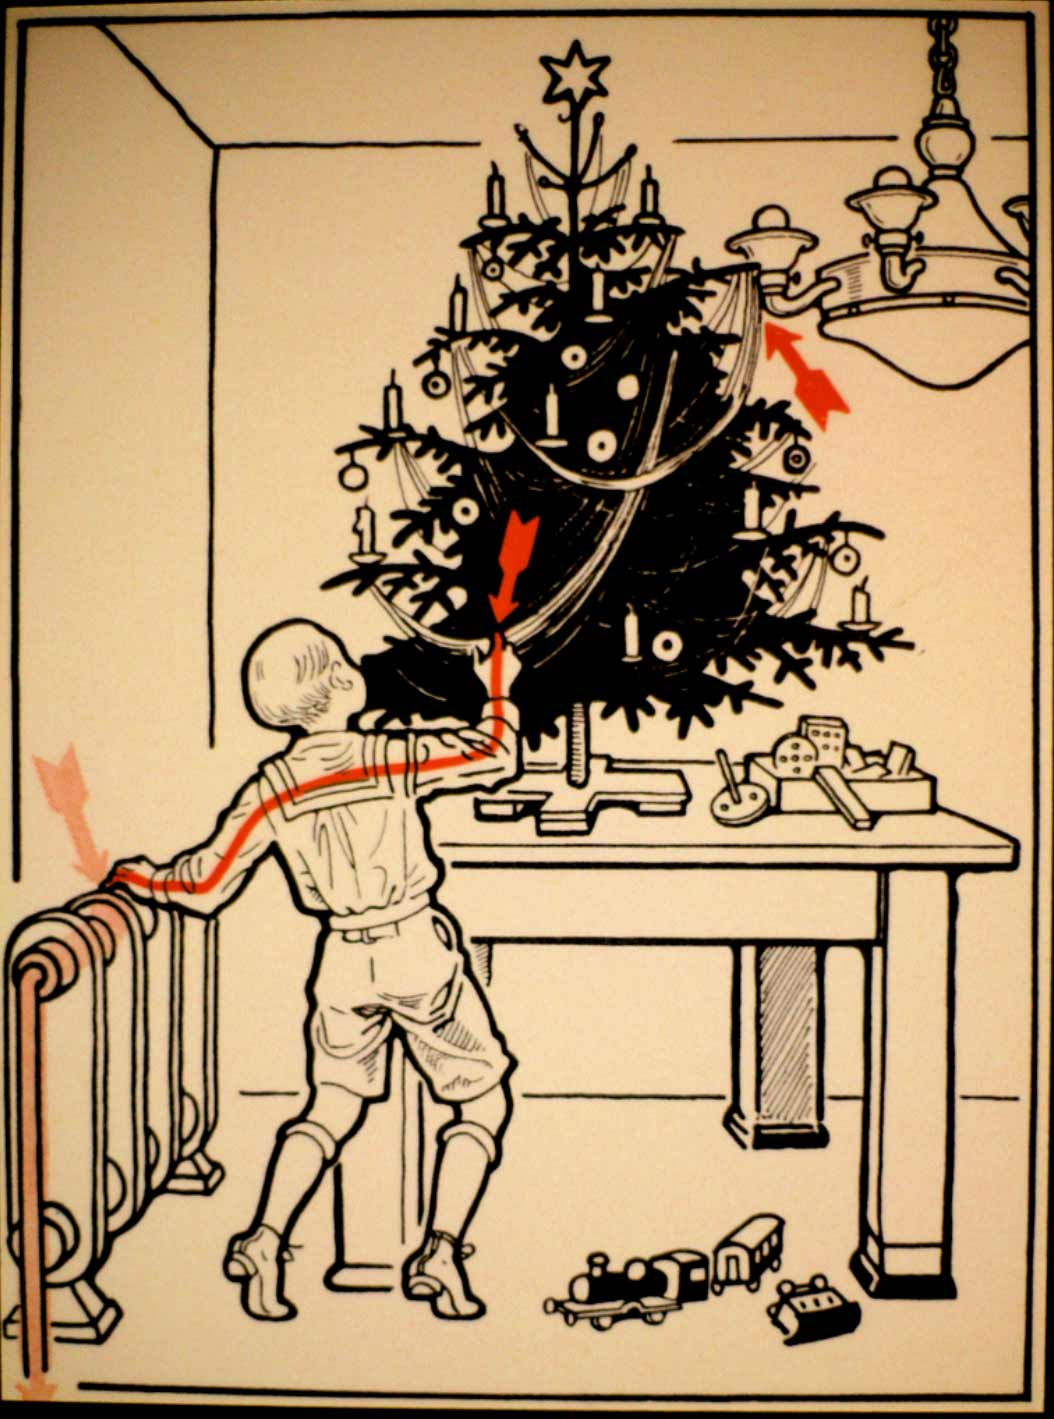 1931 wurde vor skurrilen Arten eines Stromschlages gewarnt Elektroschutz-in-132-Bildern_11